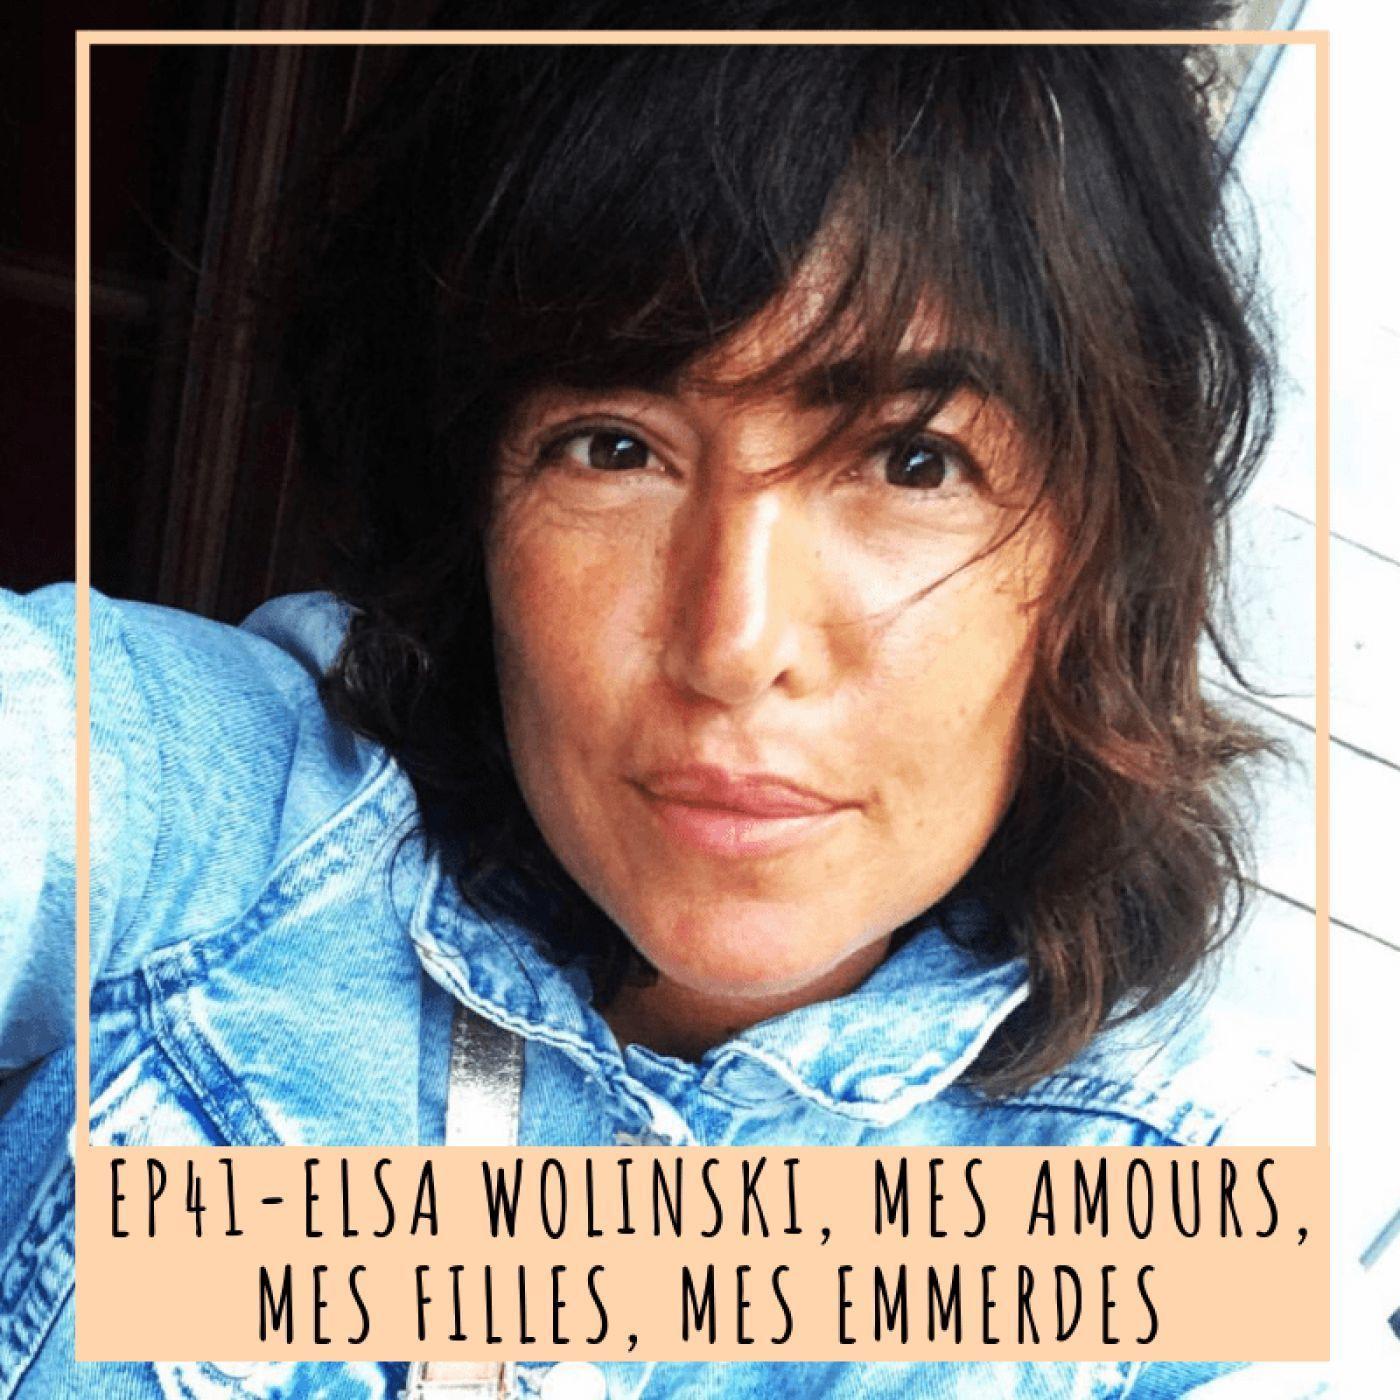 EP 41- ELSA WOLINSKI, MES AMOURS, MES FILLES, MES EMMERDES